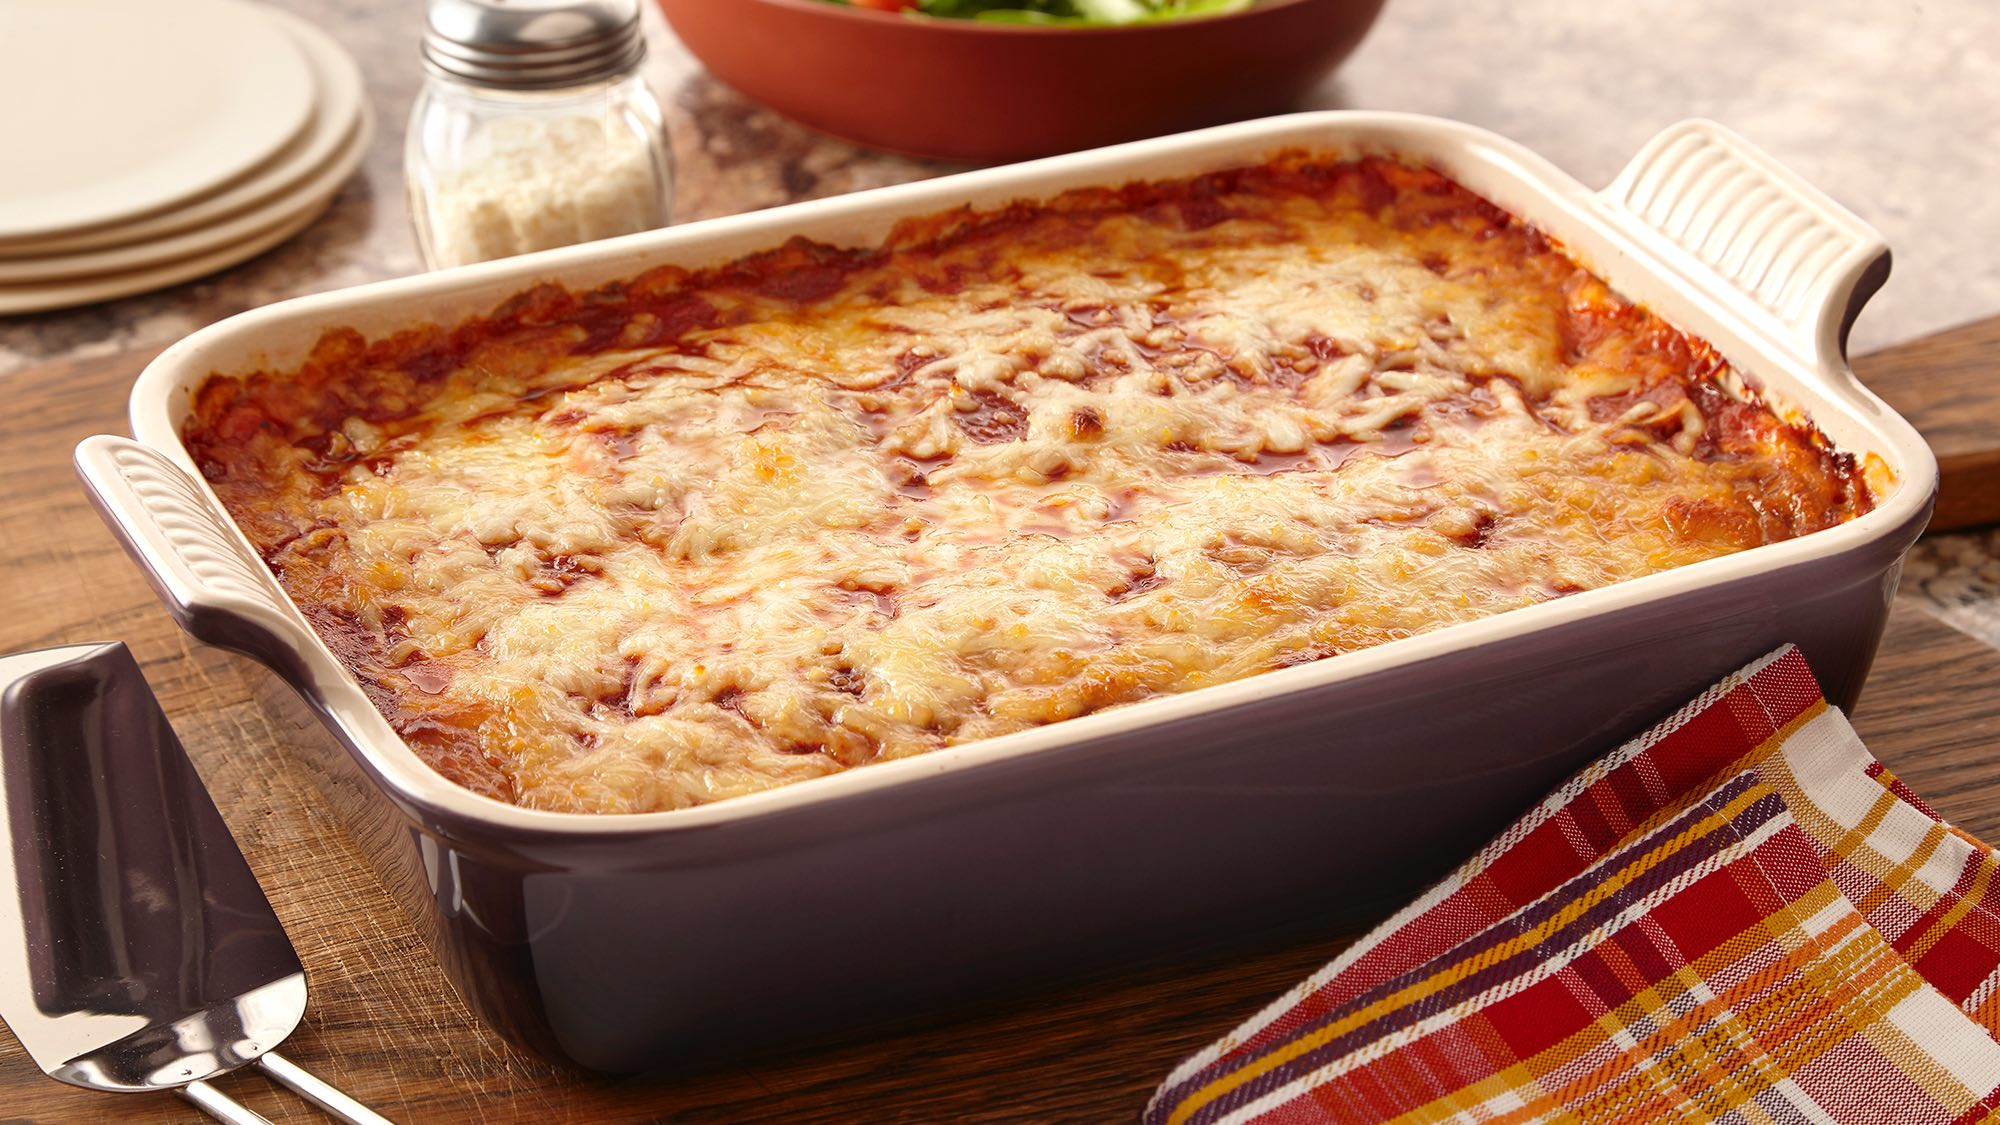 McCormick Gluten Free Eggplant Lasagna